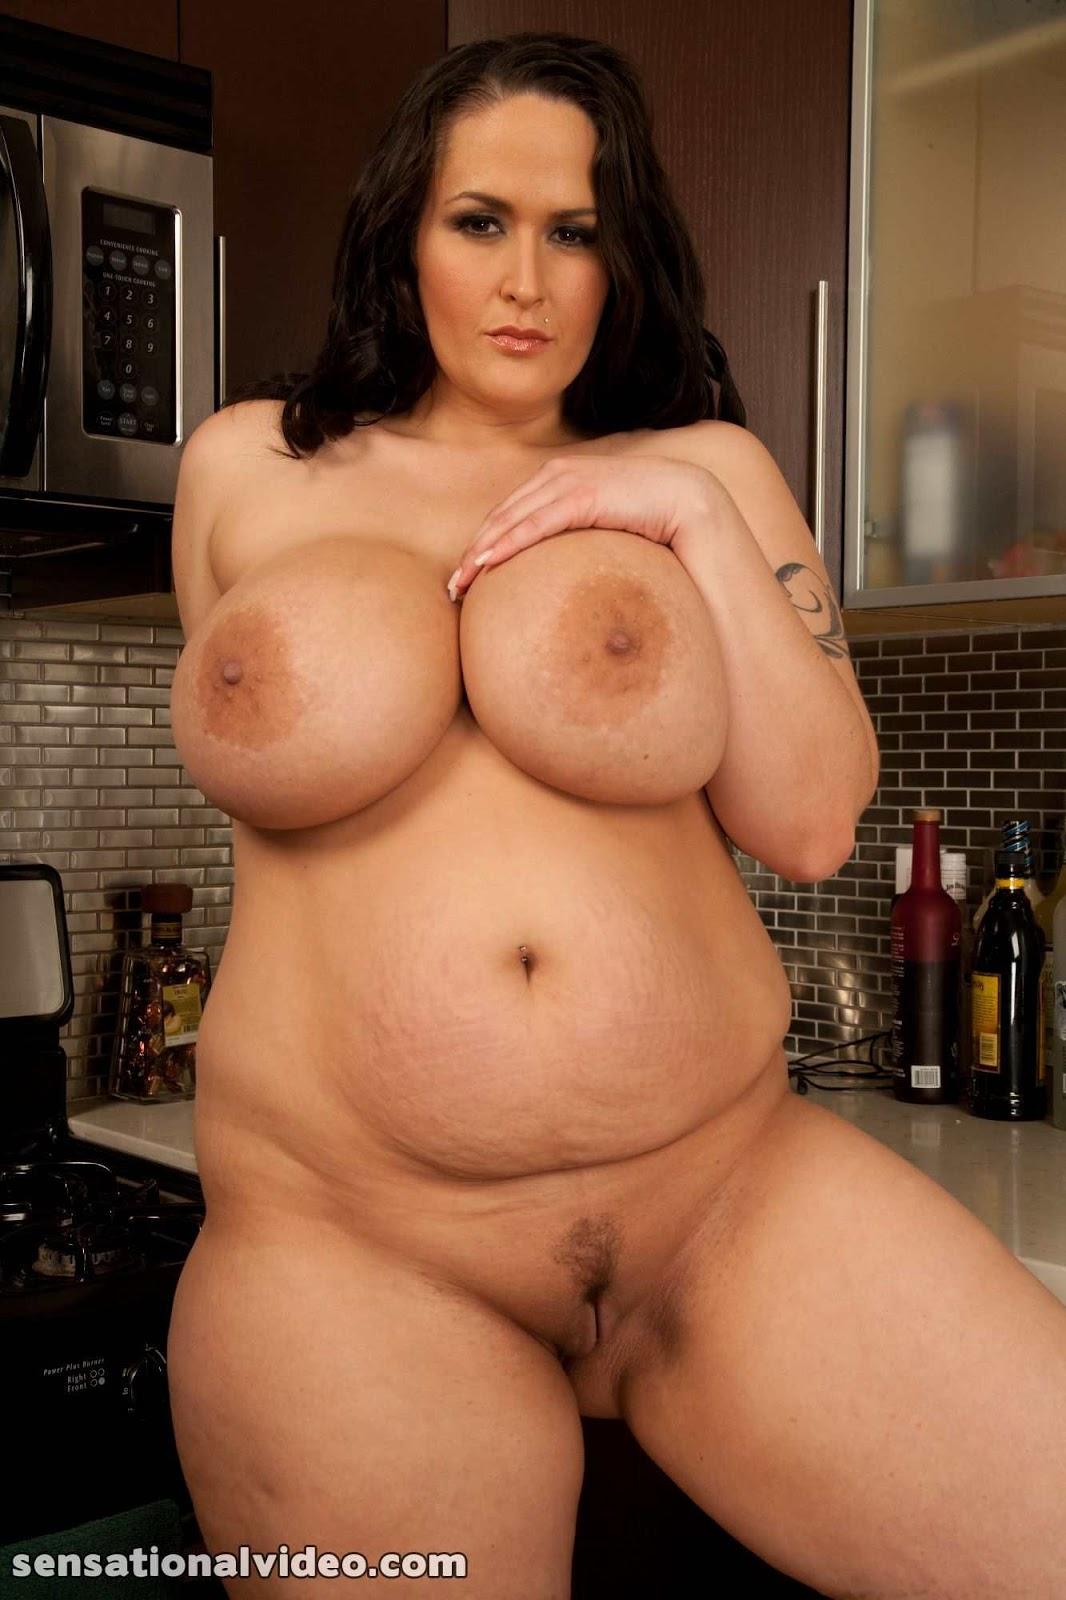 они голые звезды толстухи нагнул раком маму